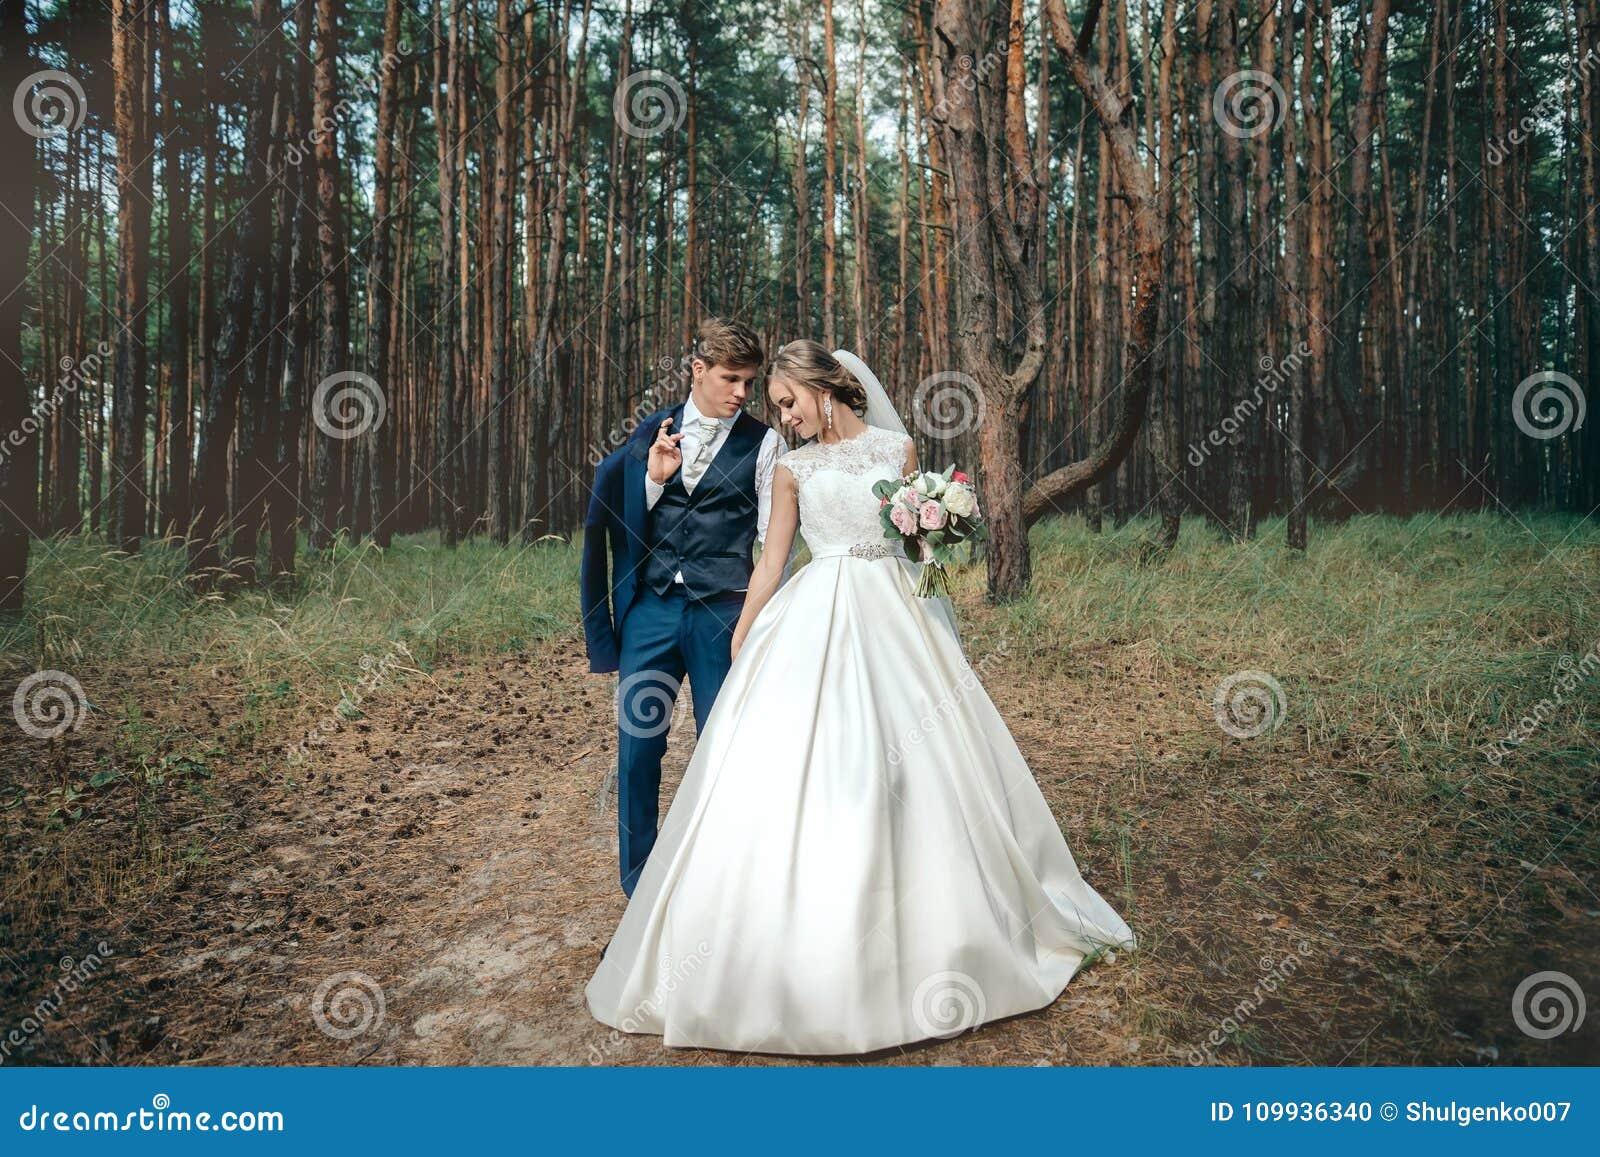 La novia y el novio en vestidos de boda en fondo natural Nosotros